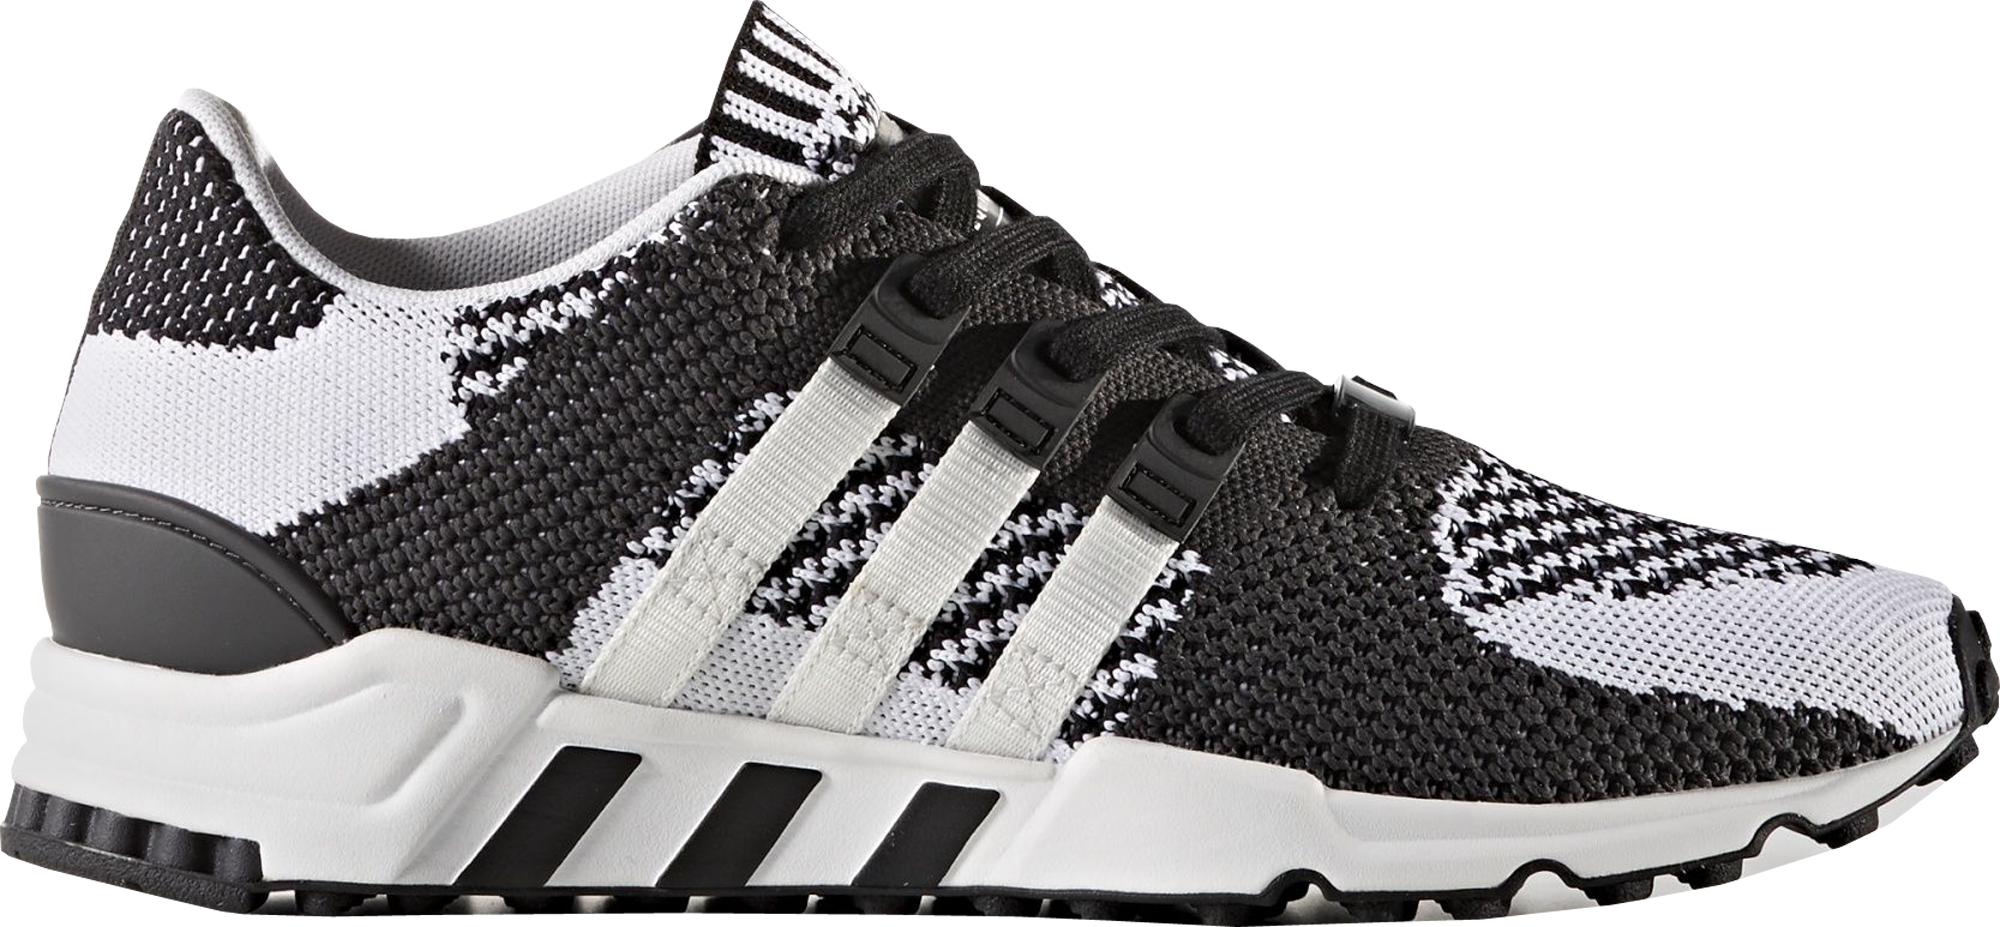 adidas EQT Support RF Primeknit Black White